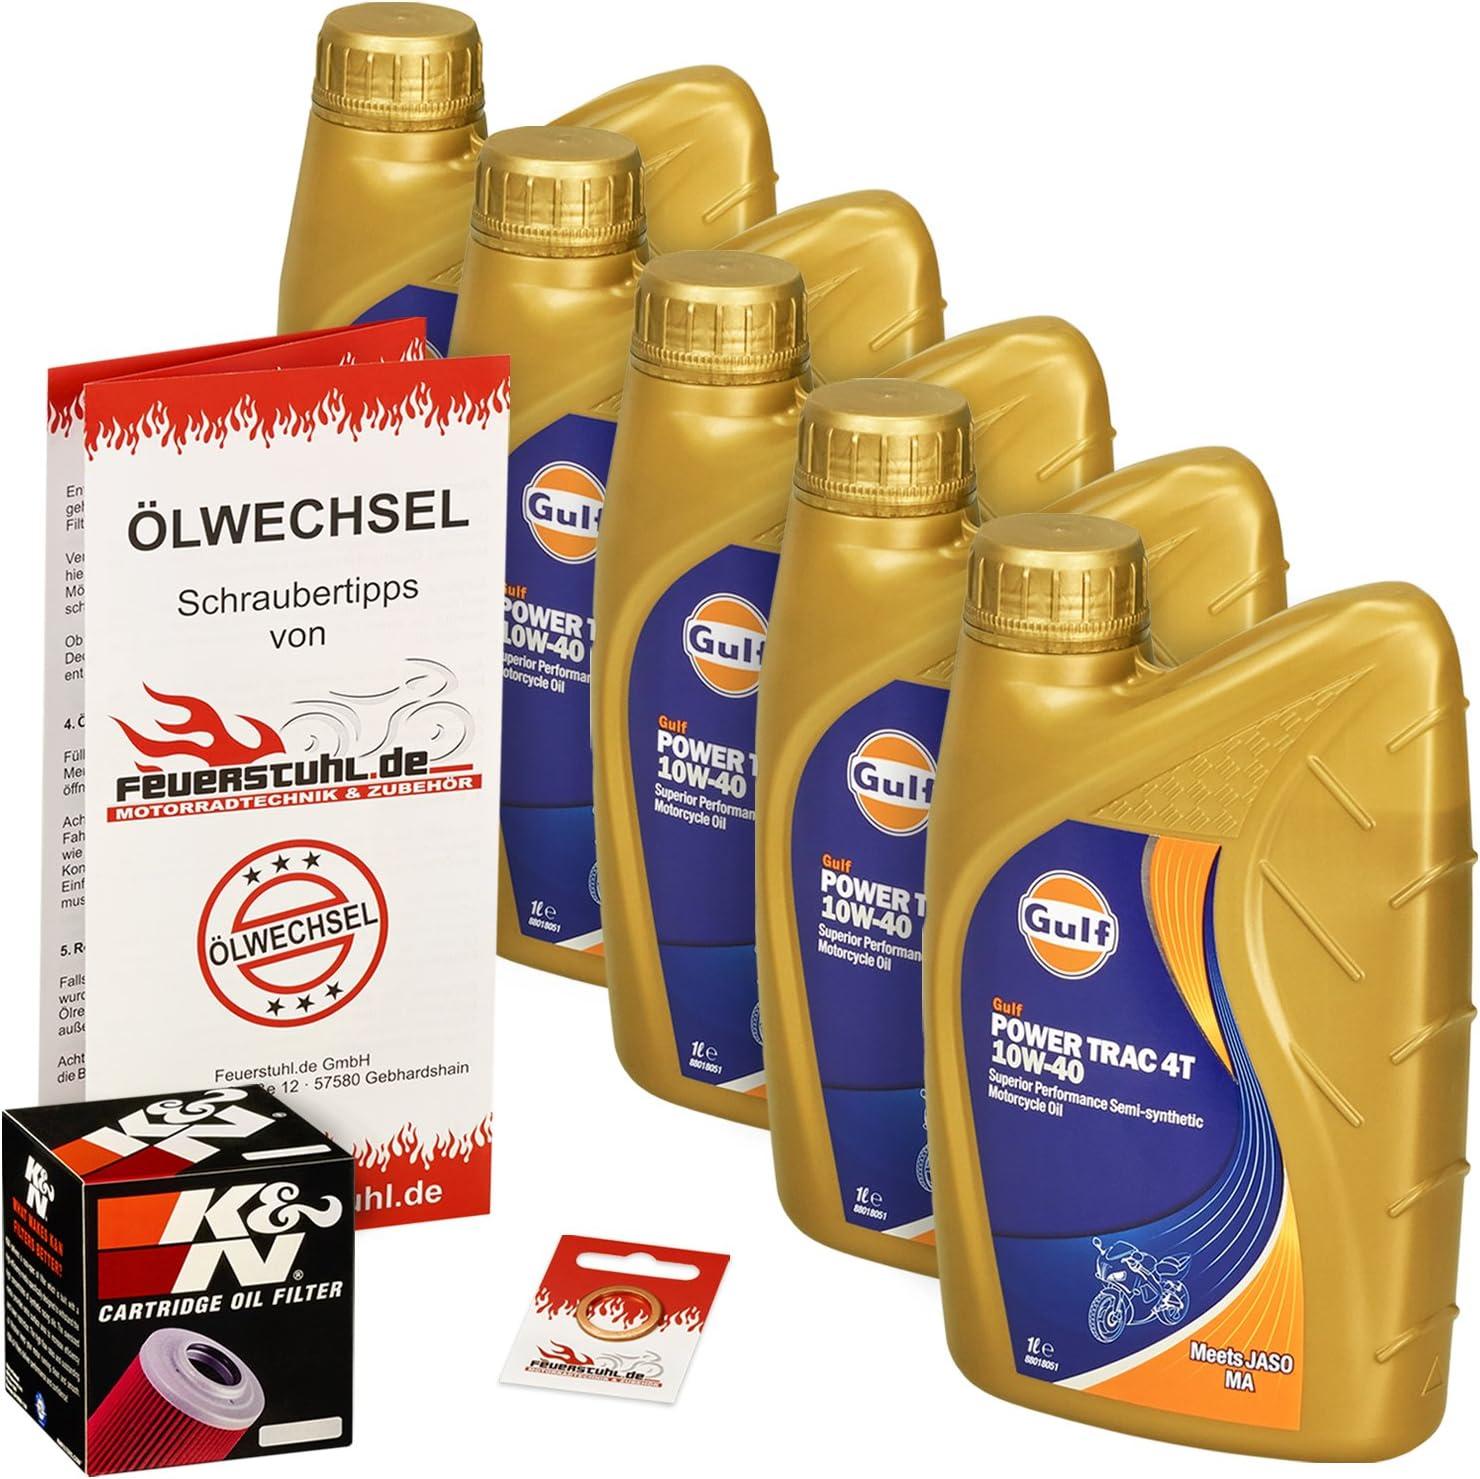 Gulf 10w 40 Öl K N Ölfilter Für Honda Cb 1100 F Super Bol D Or 83 84 Sc11 Ölwechselset Inkl Motoröl Filter Dichtring Auto